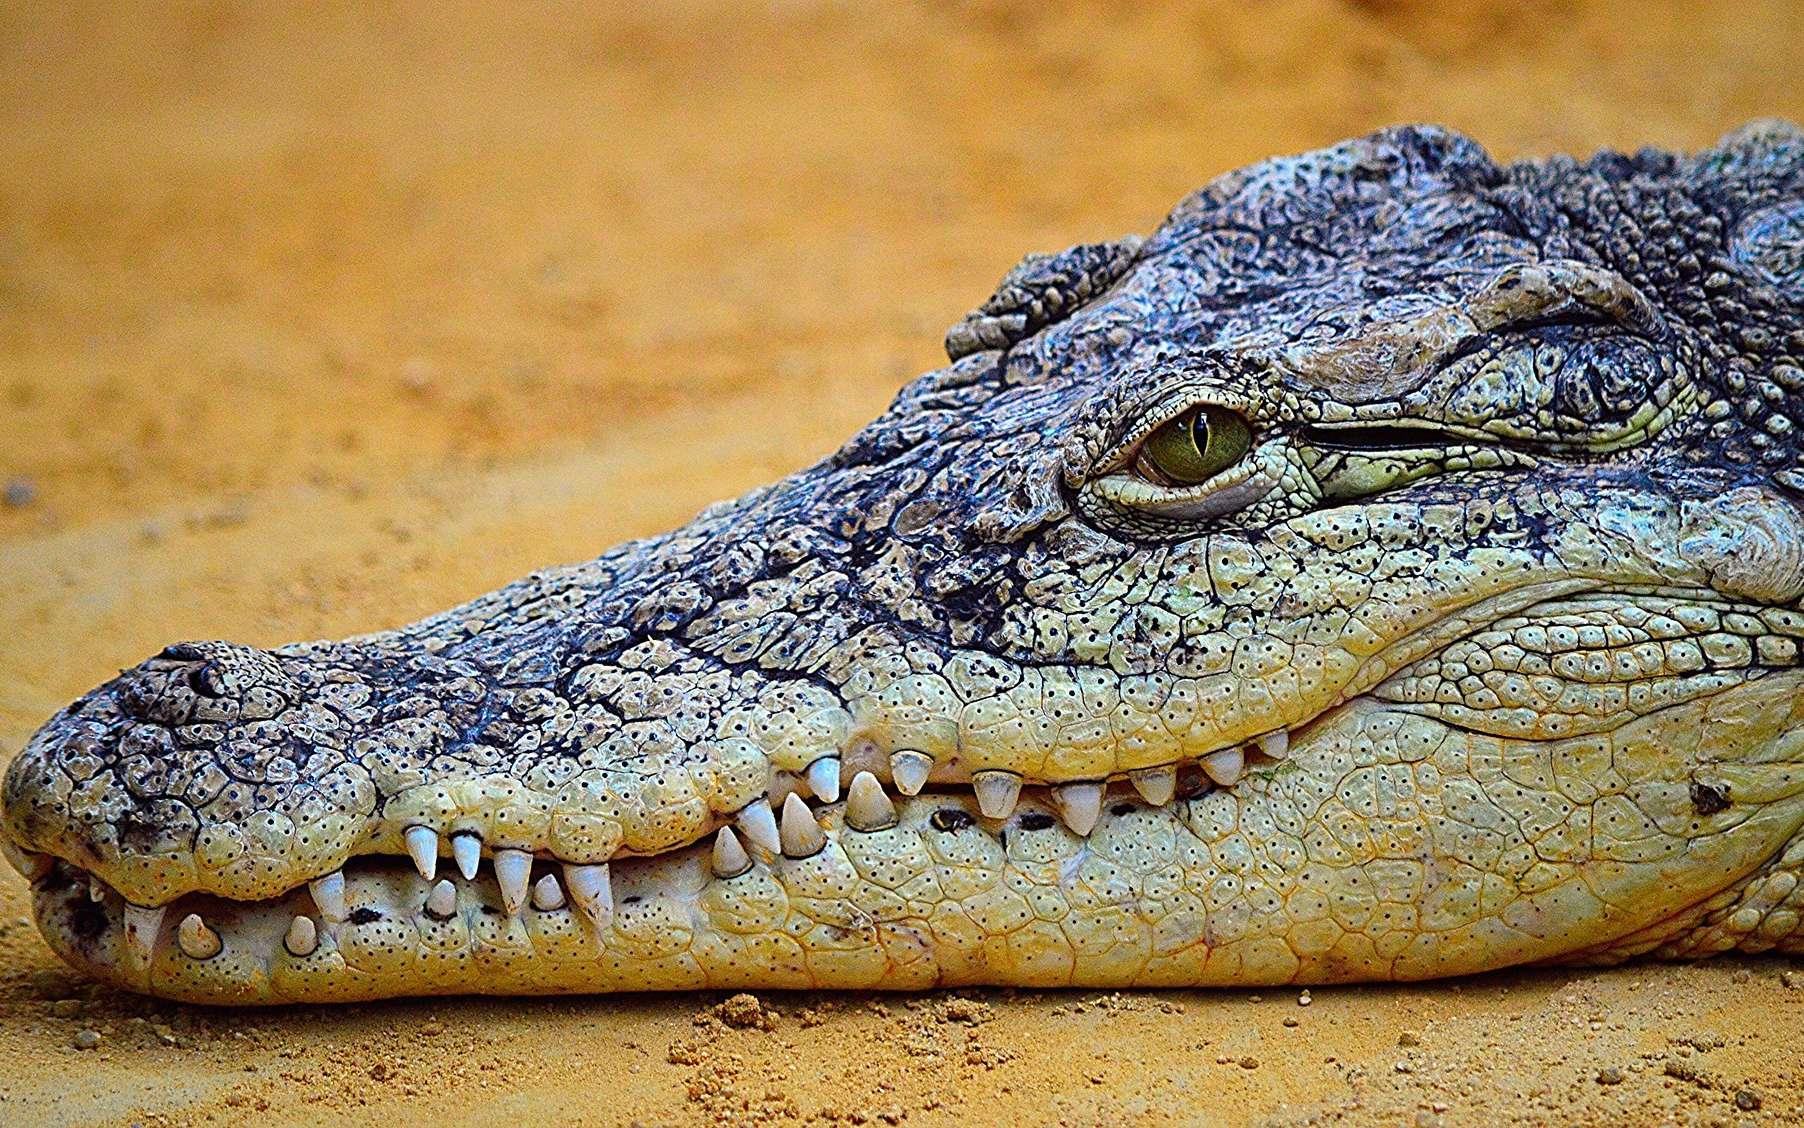 Crocodile et alligator : quelle différence ? Ici, un crocodile. © Acanthostega, Pixabay, DP